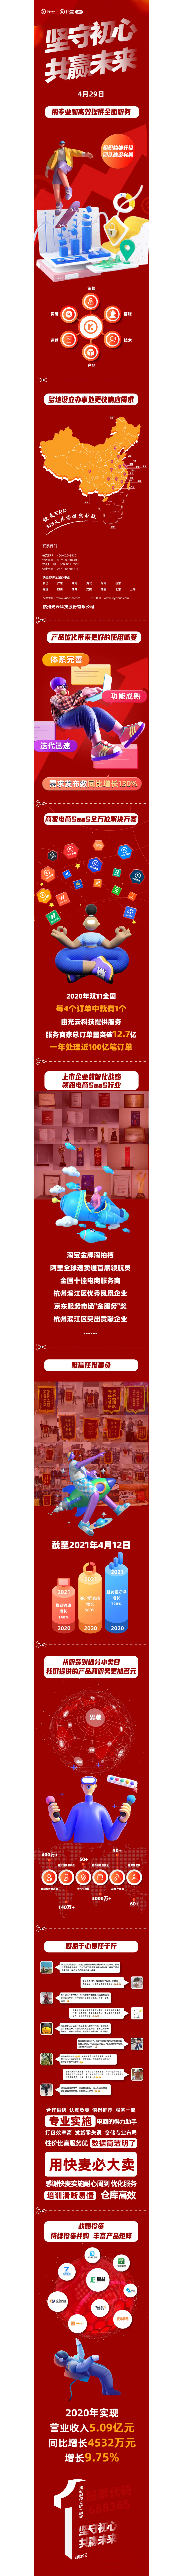 光云科技上市一周年 _ 坚守初心 共赢未来_看图王.png